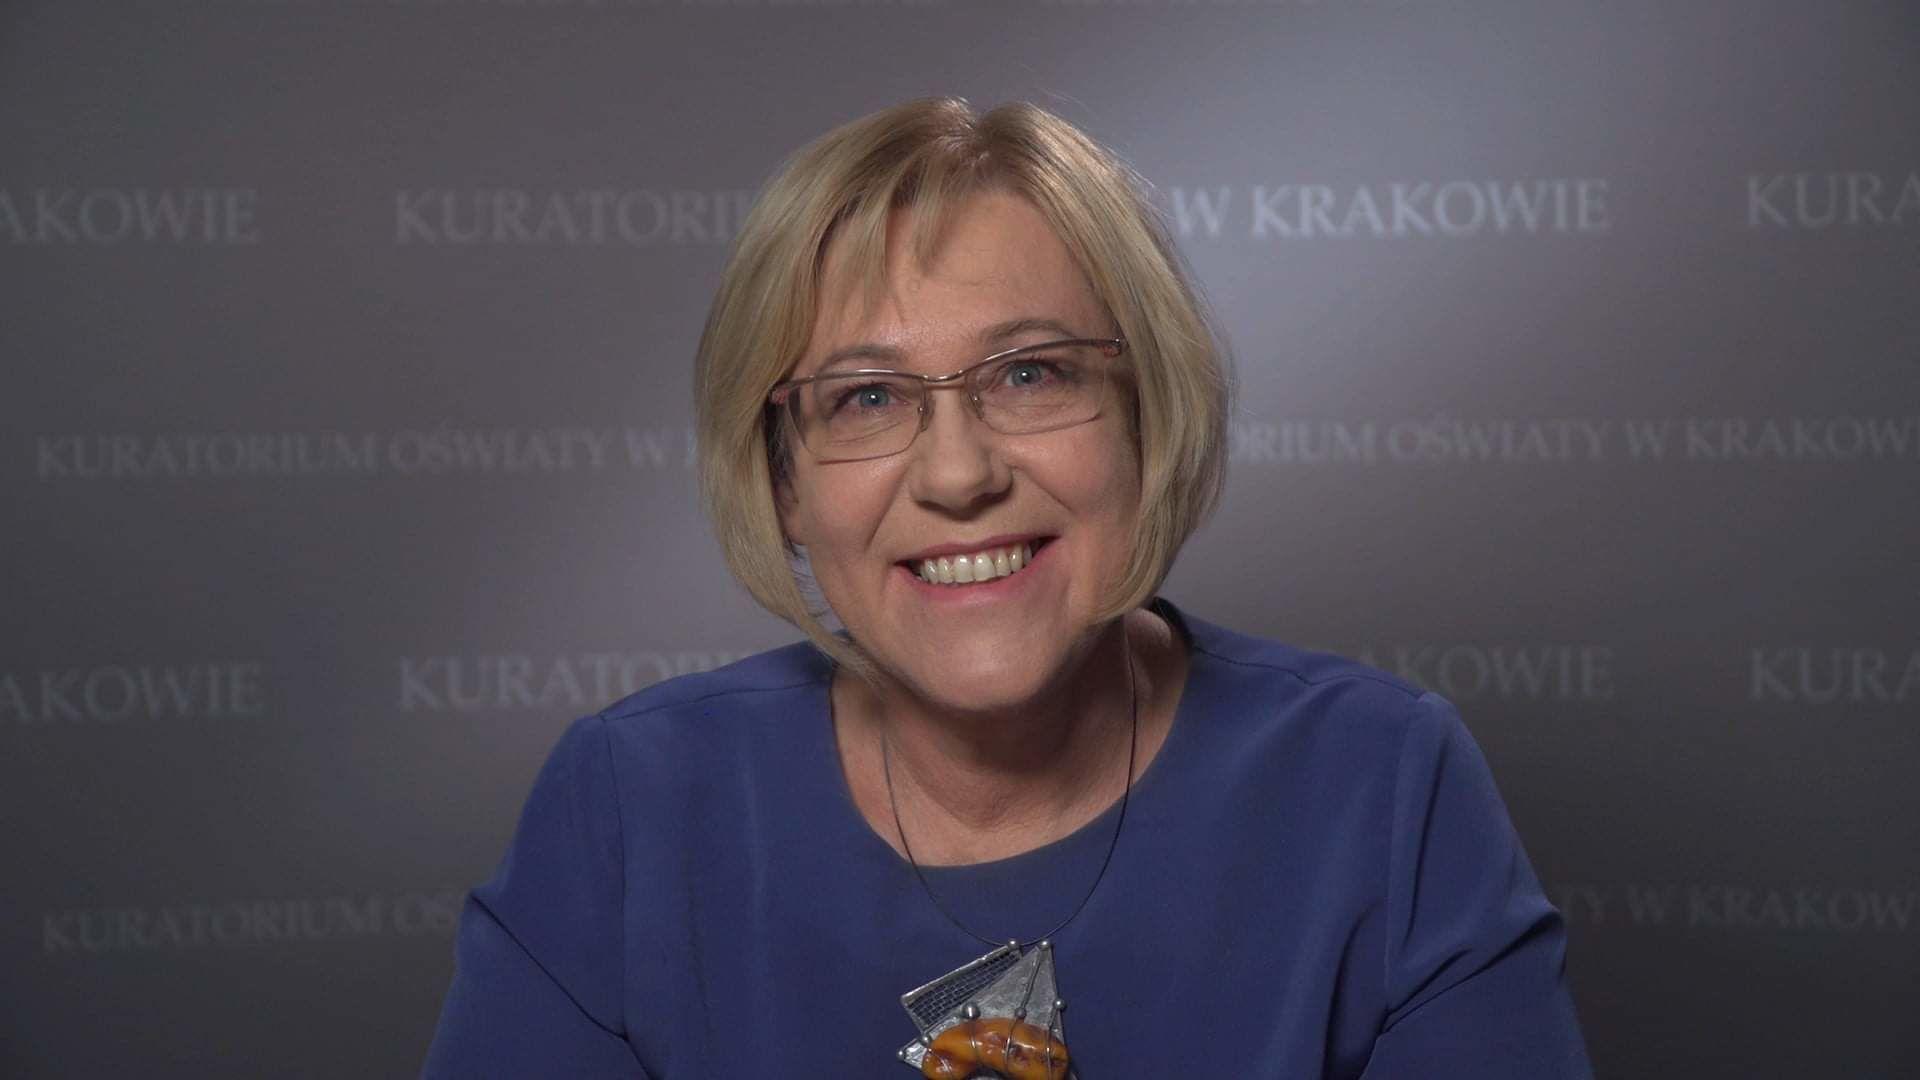 Куратор образования Барбара Новак в Кракове - Sputnik Polska, 1920, 24.06.2021